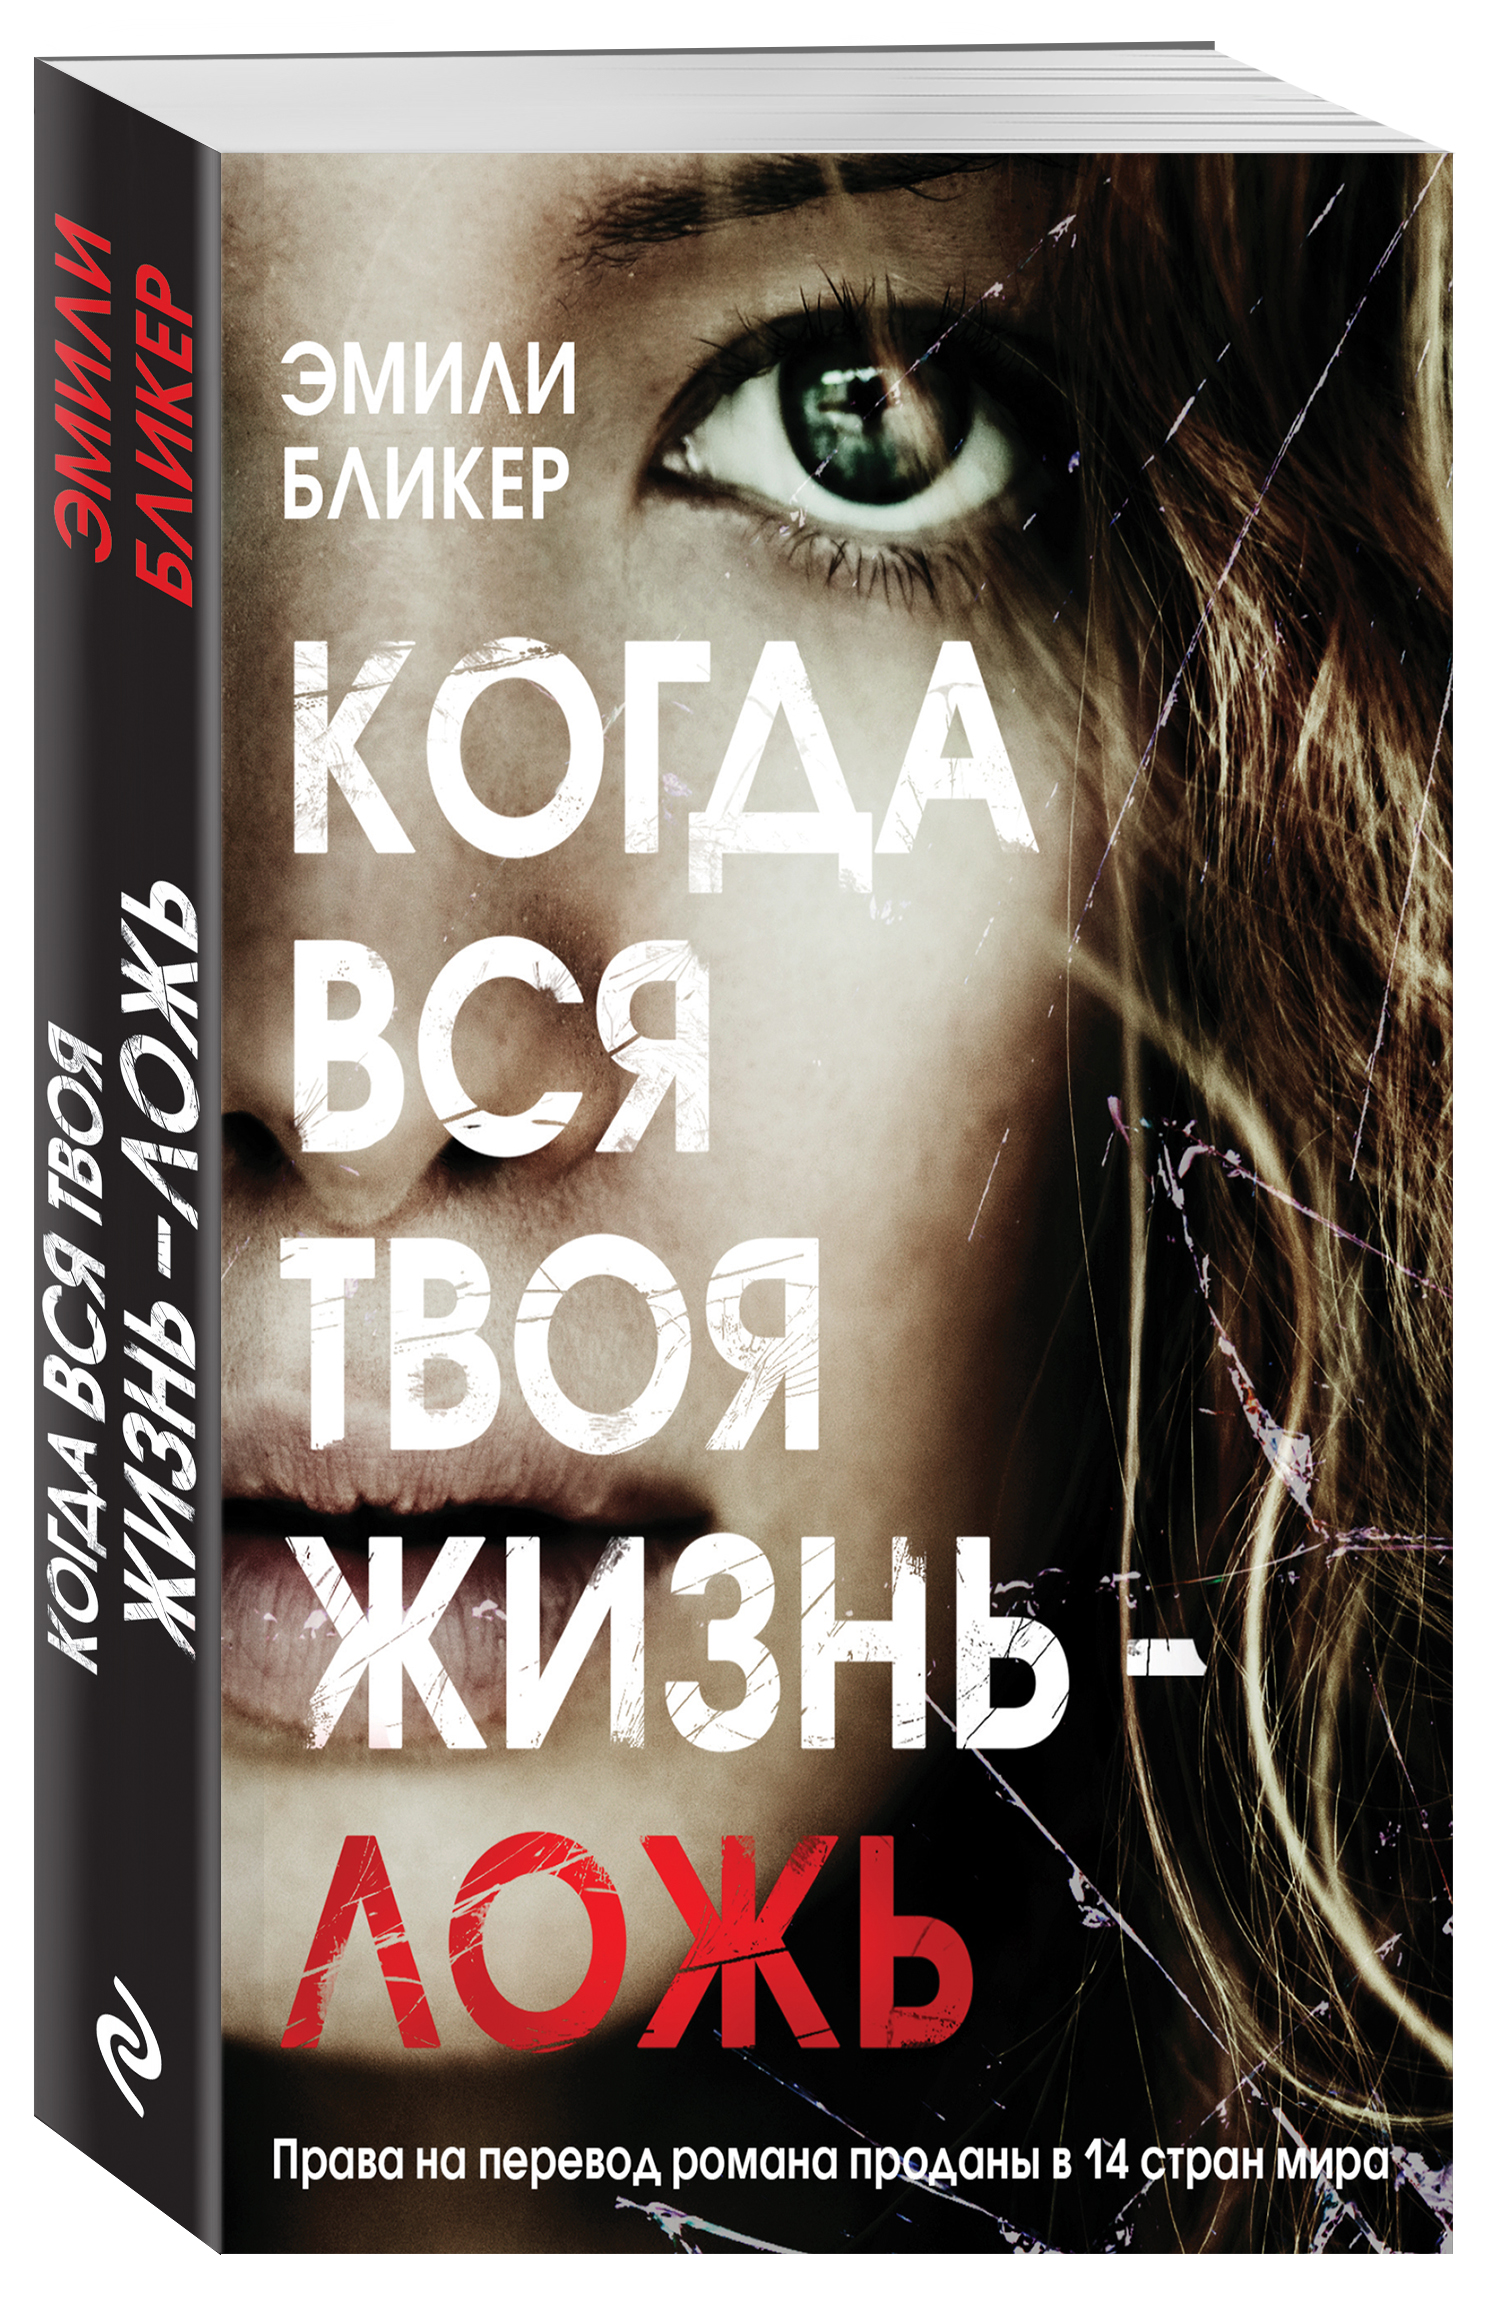 Бликер Э. Когда вся твоя жизнь - ложь ISBN: 978-5-04-093499-7 локхарт э виновата ложь роман